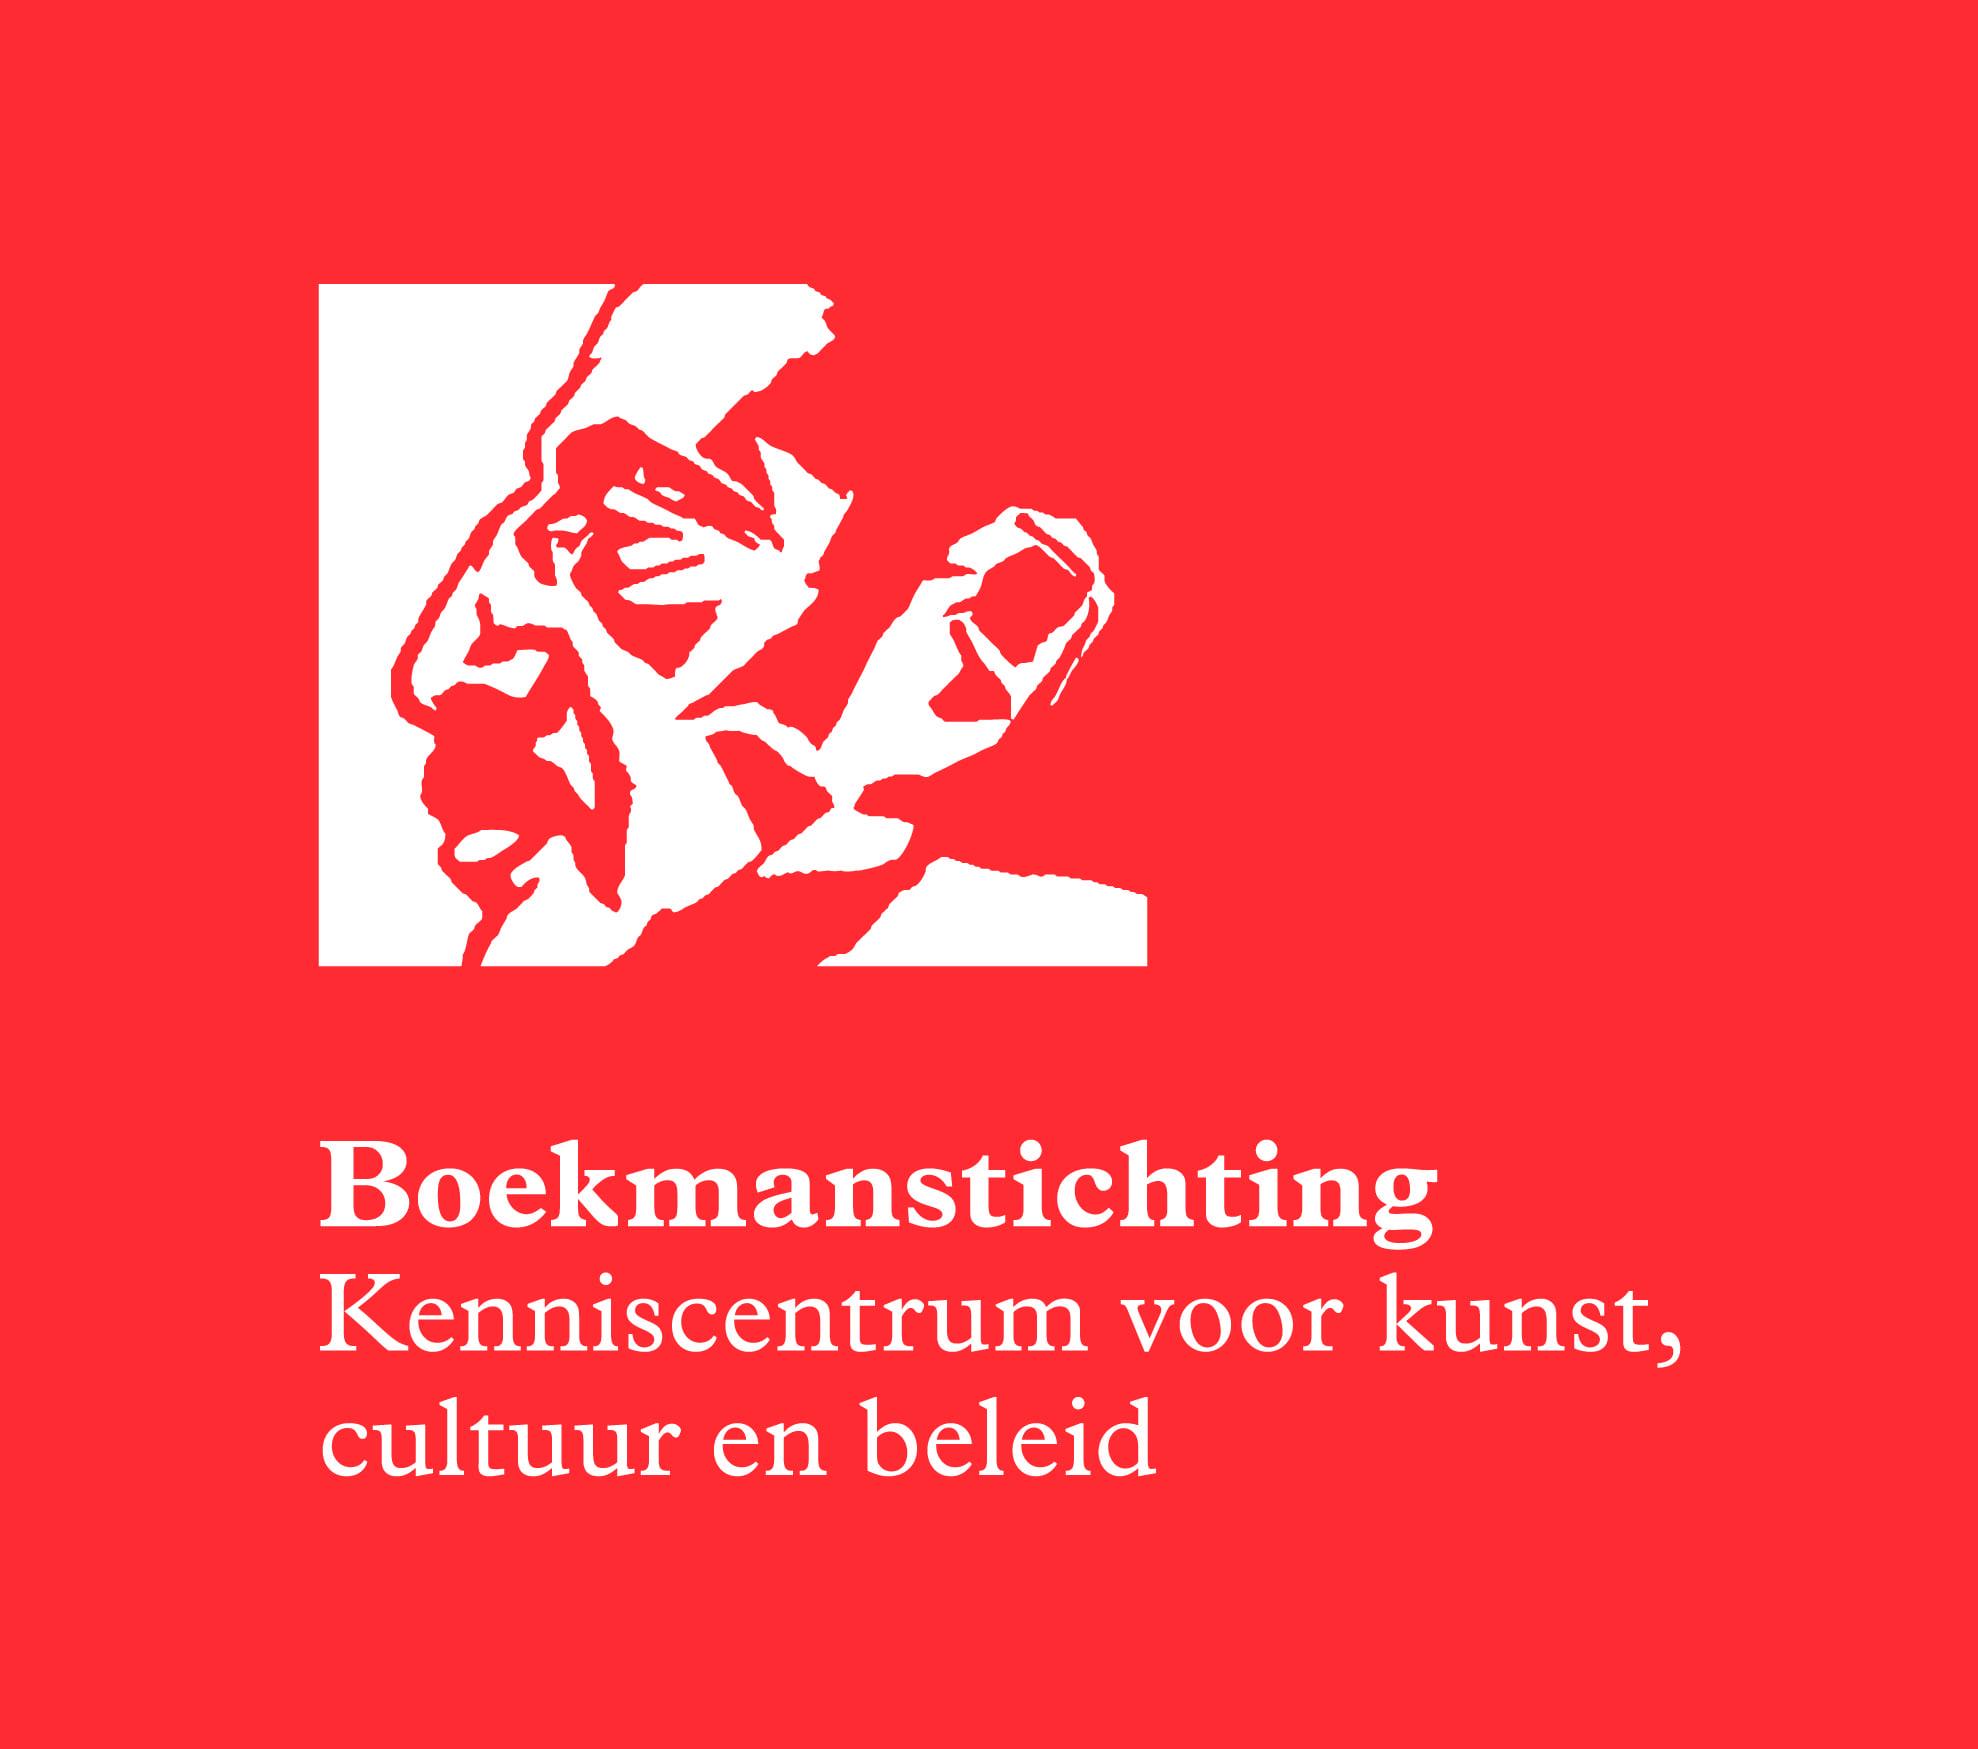 Boekmanstichting